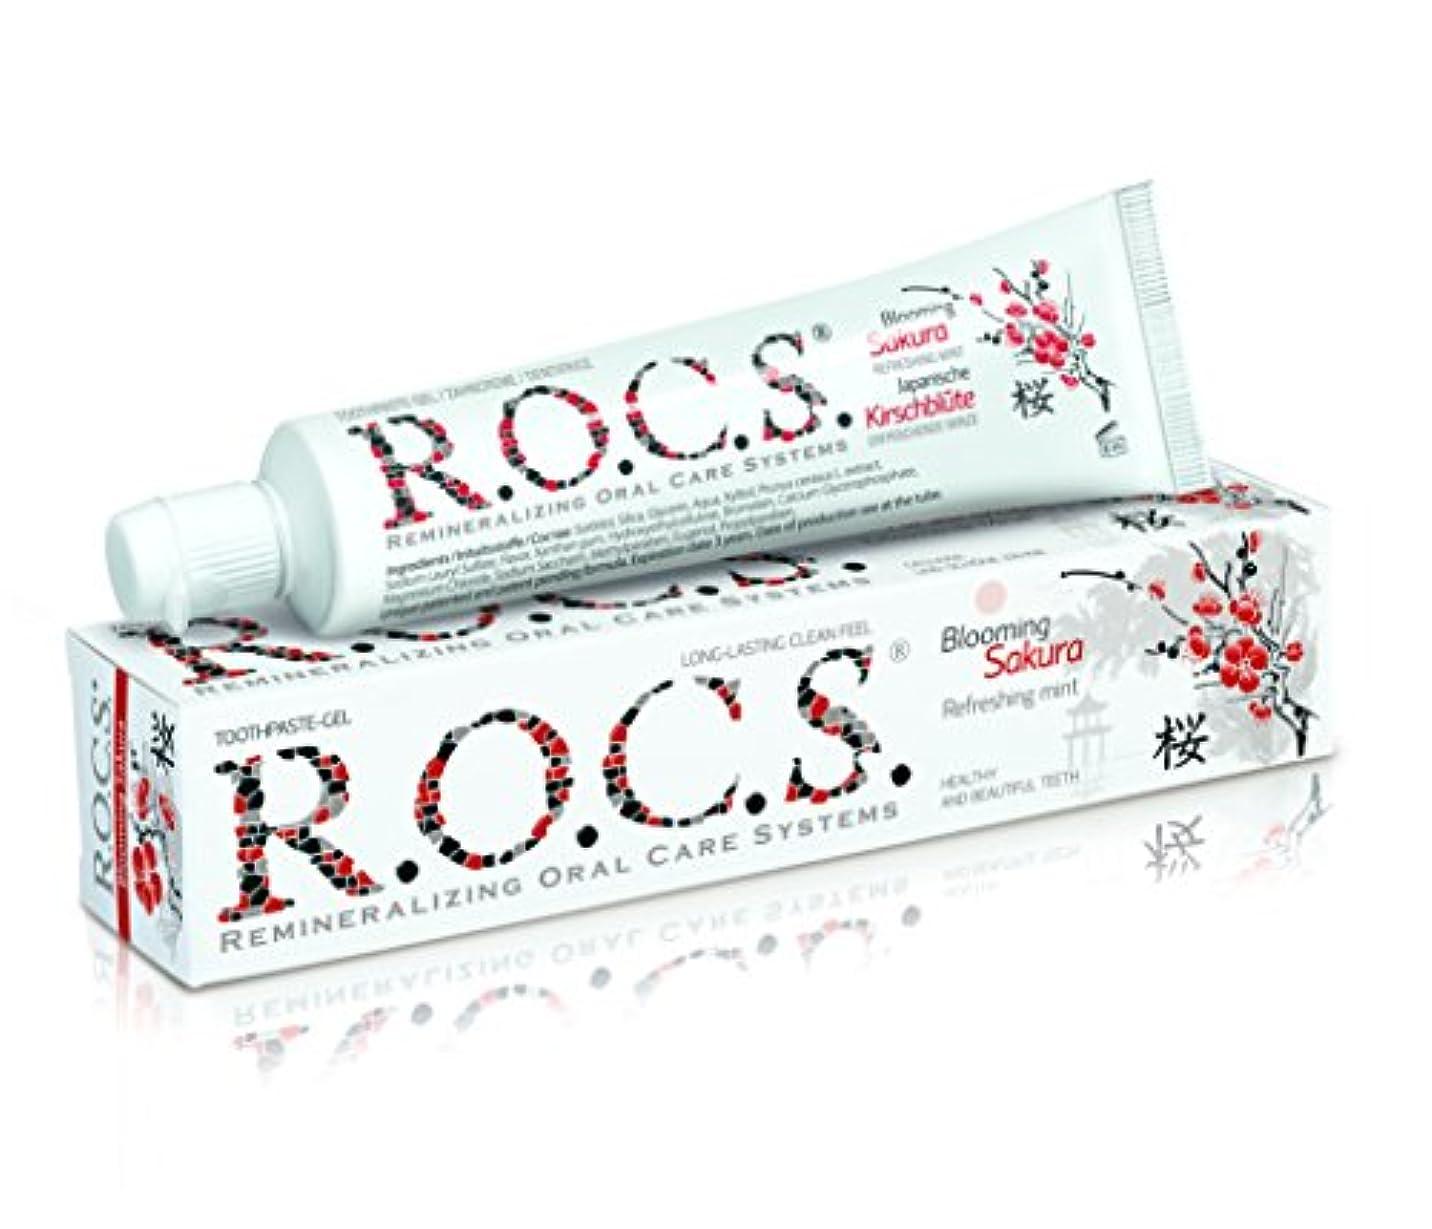 差し引く分泌する石のR.O.C.S. ロックス歯磨き粉 ブルーミング サクラ